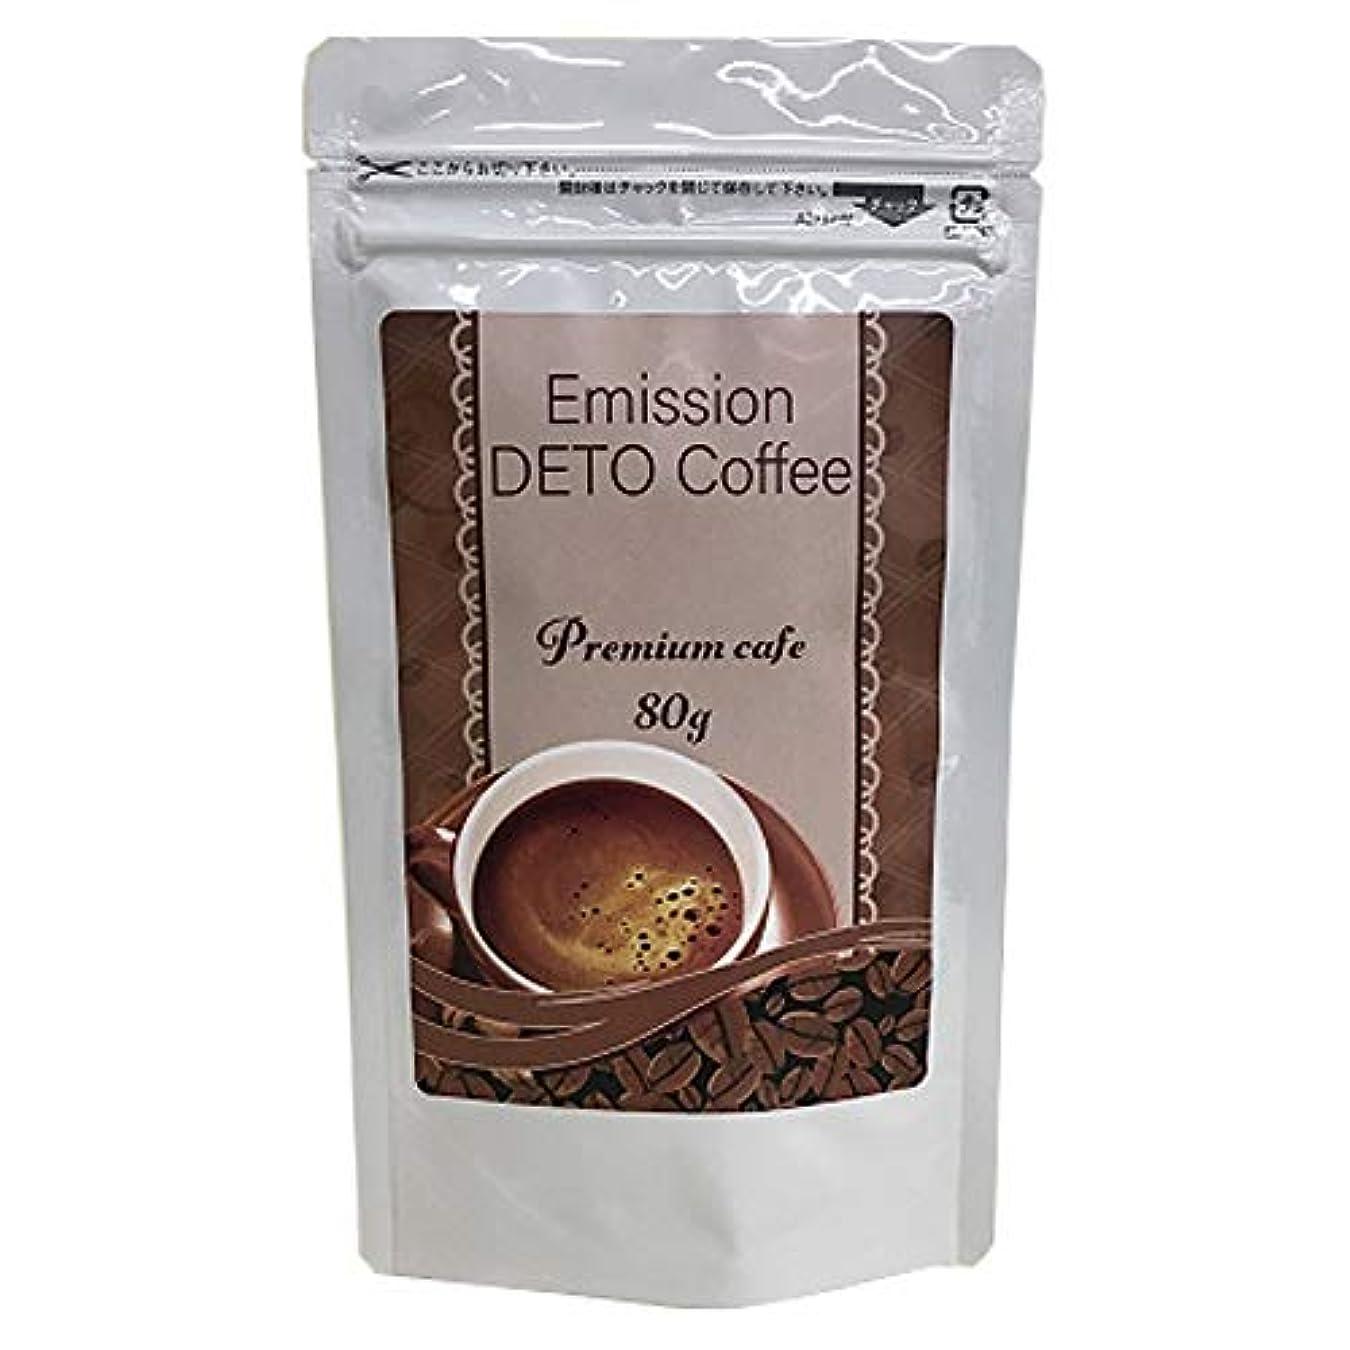 閉じ込めるカカドゥ報酬エミッションデトコーヒー ダイエットコーヒー